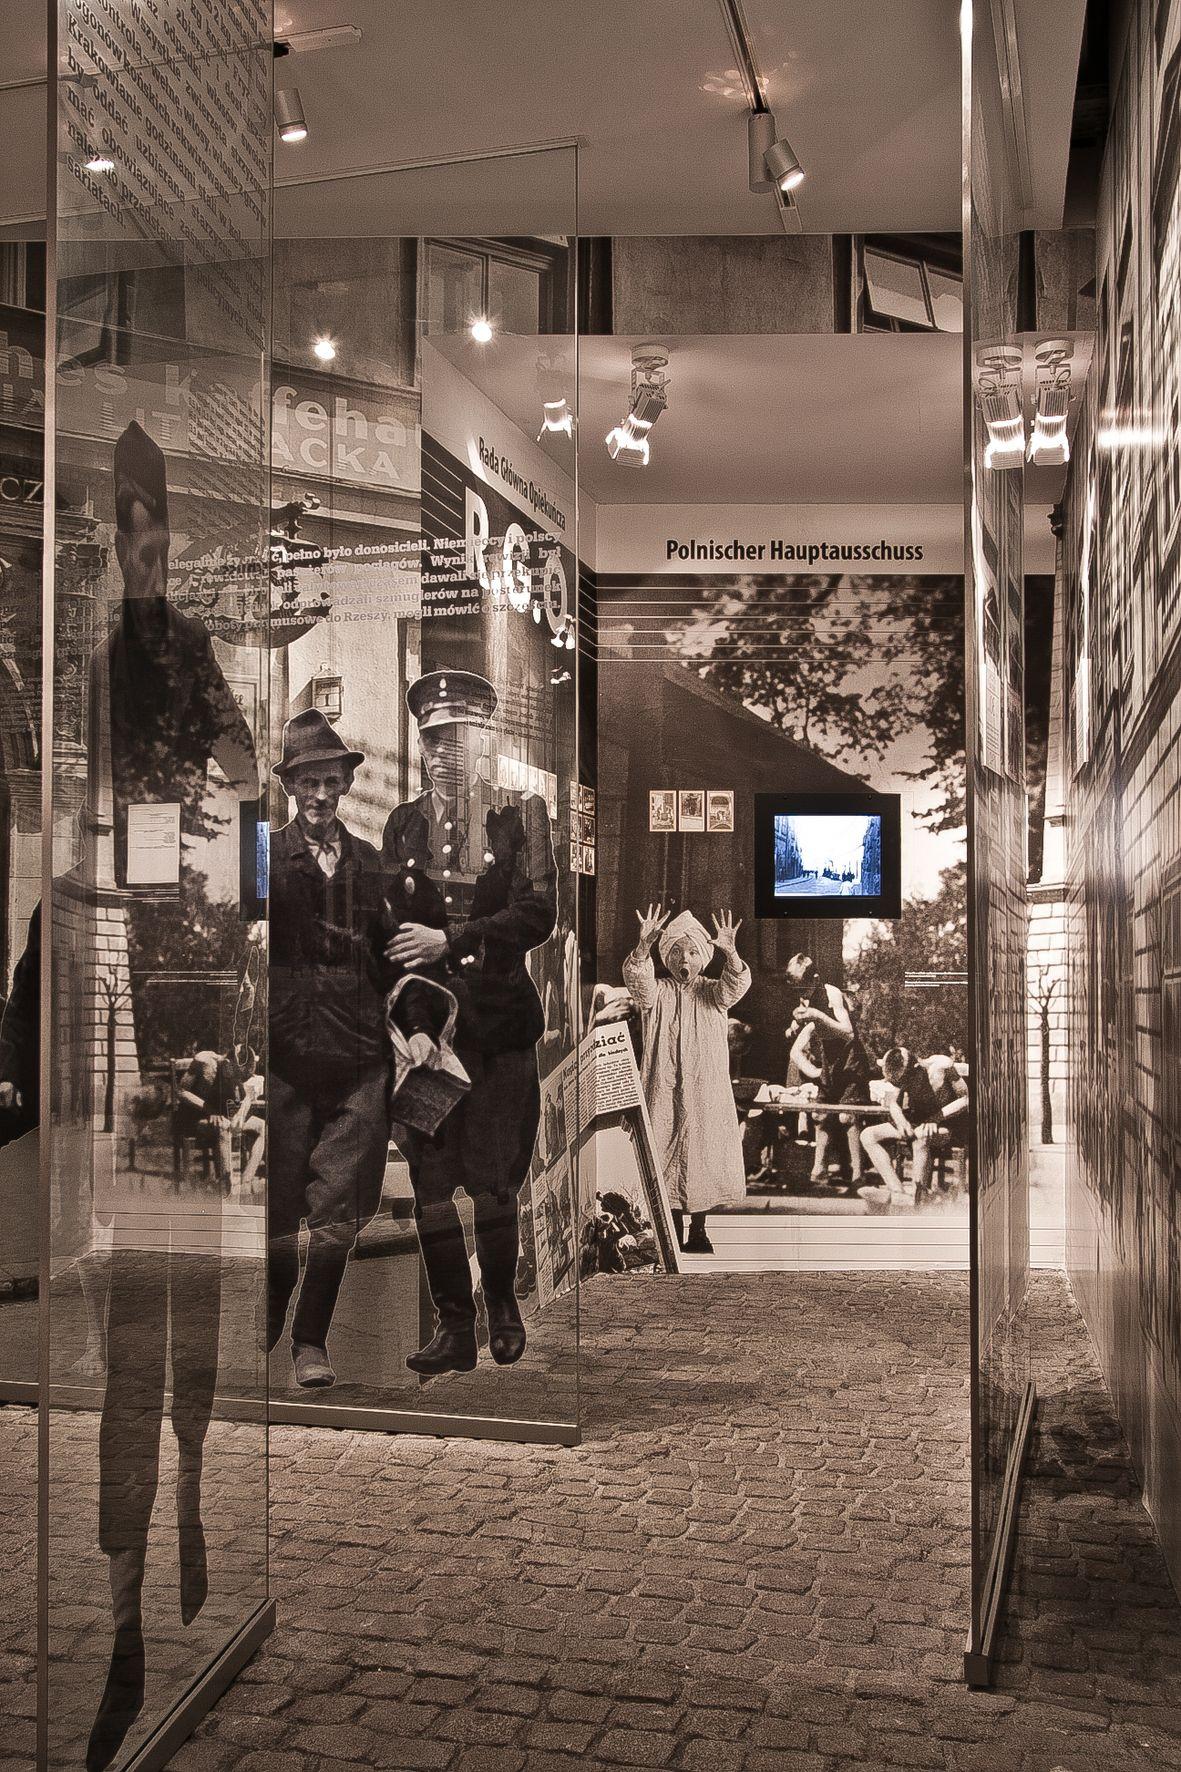 Krakowska ulica – instalacja w oddziale MHK Fabryka Emalia Oskara Schindlera (źródło: materiały prasowe)